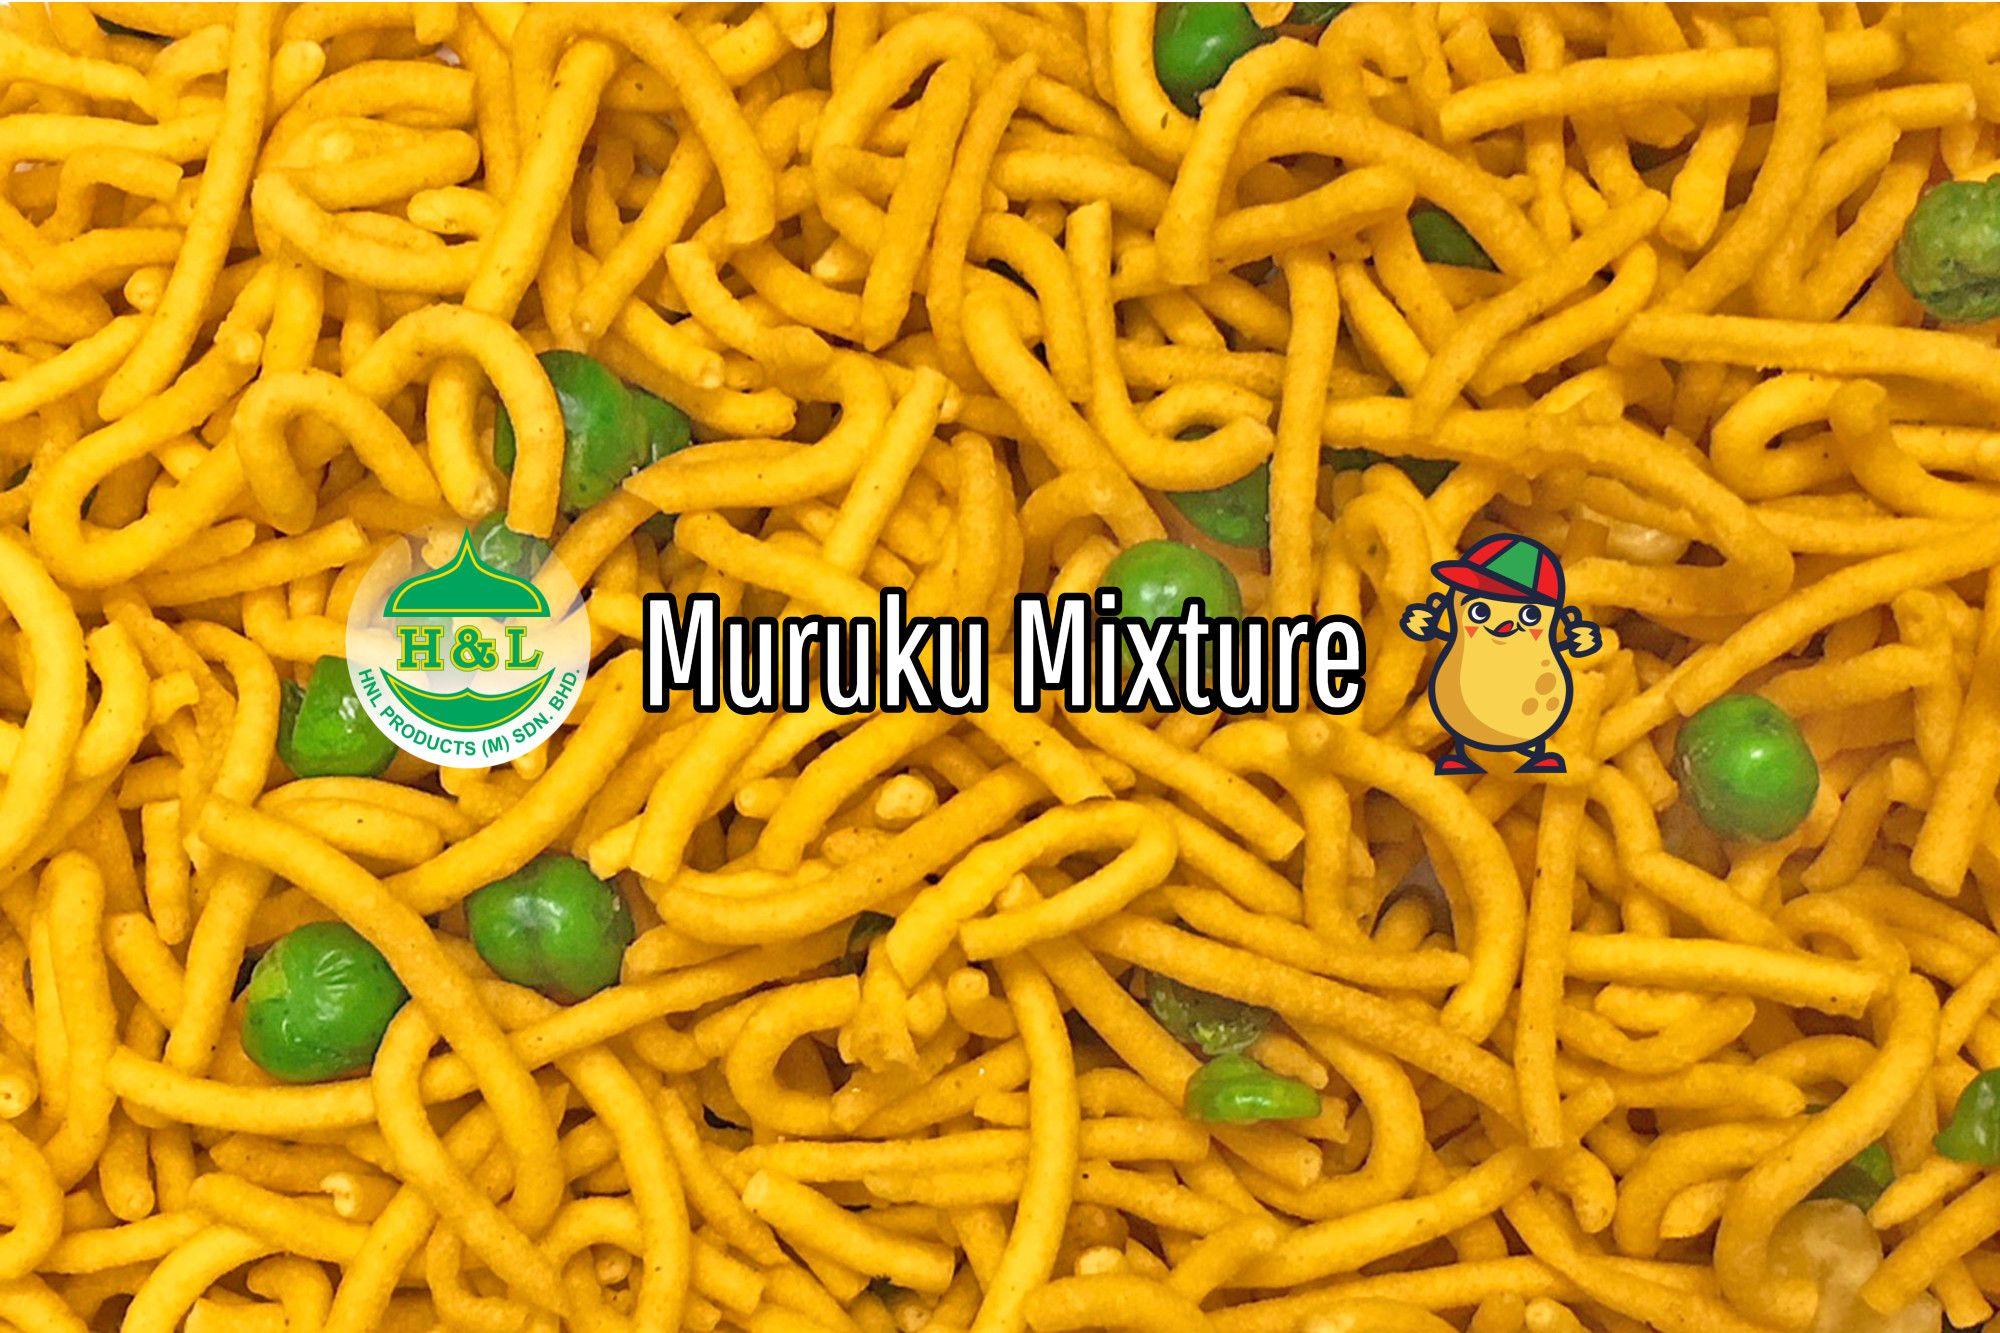 Muruku Mixture Kacang Putih